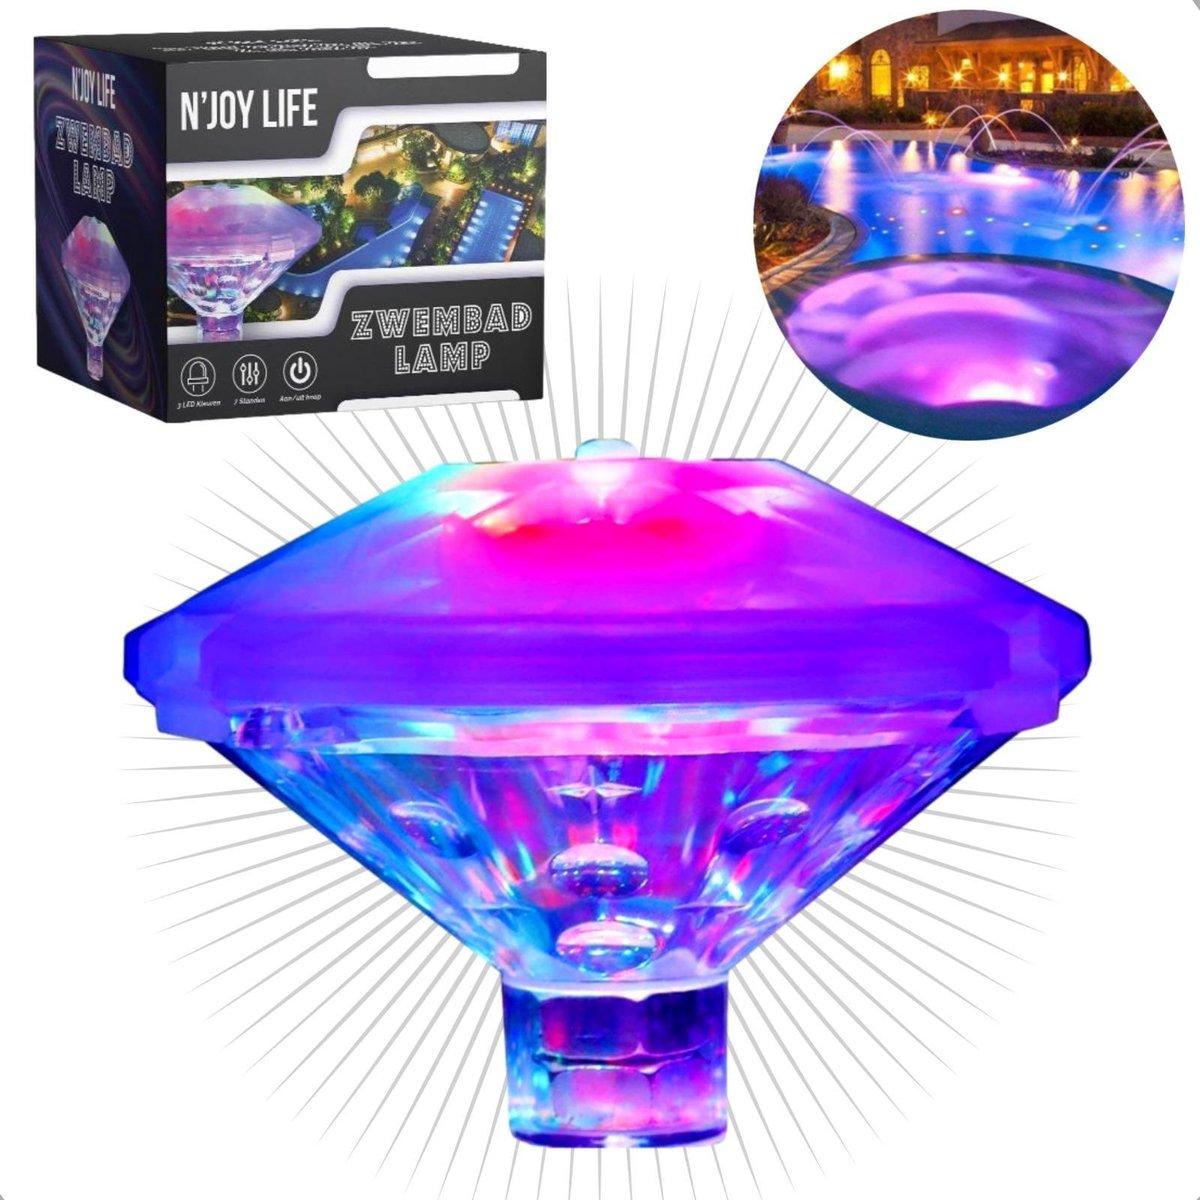 N'JOY Life Lamp - Zwembad Verlichting - Disco Lamp - Onderwater verlichting - Zwembad - Jacuzzi - Buitenspeelgoed